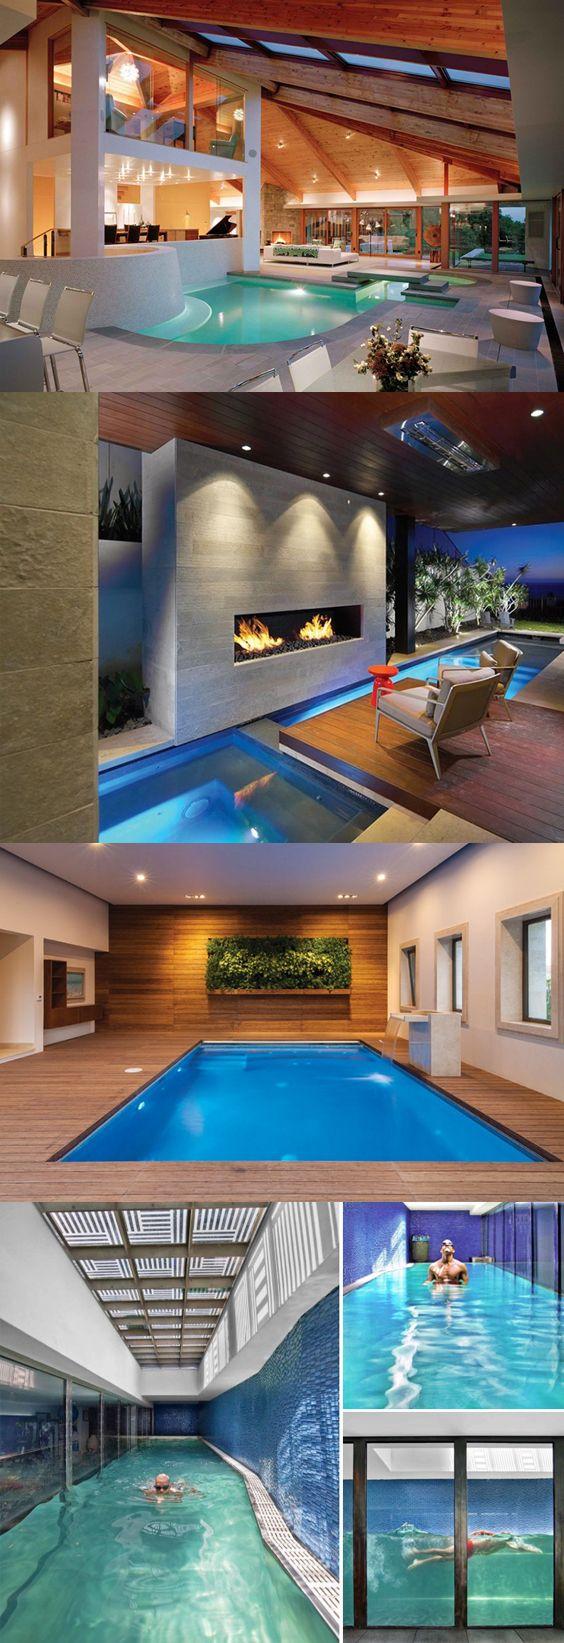 20 Striking Modern Indoor Pool Designs